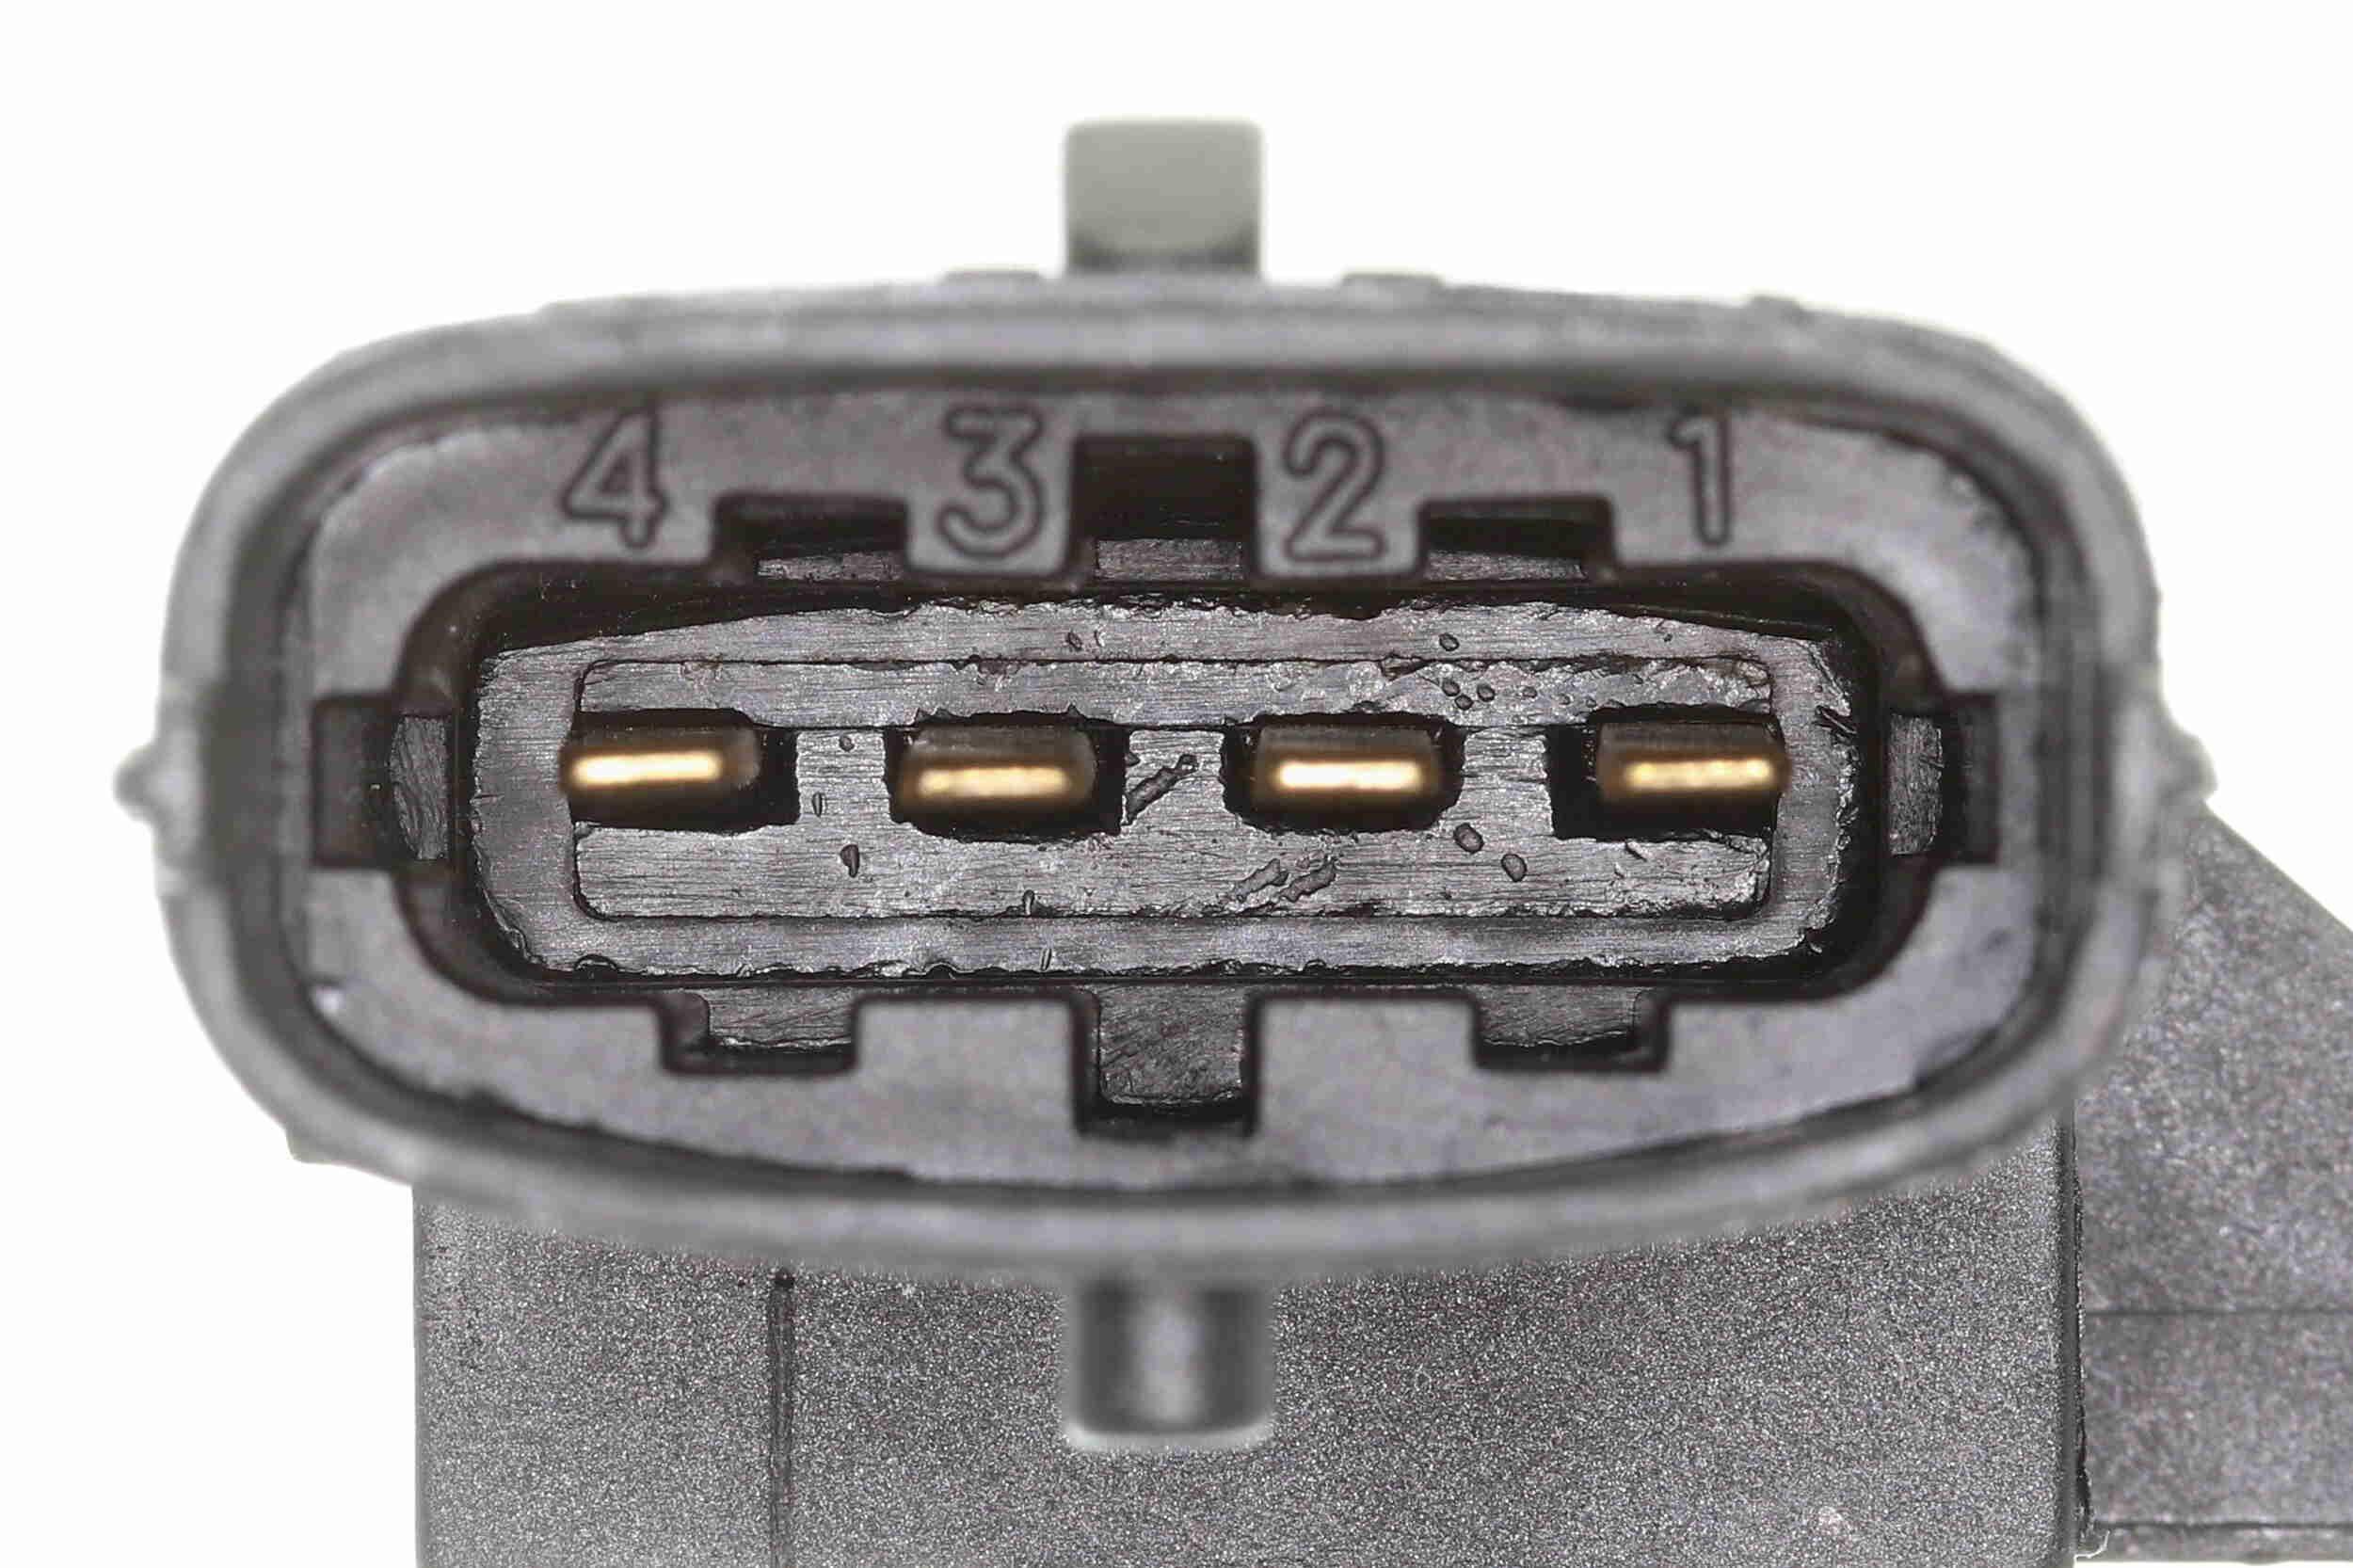 Sensore pressione aria, Aggiustaggio altimetrico VEMO V24-72-0099 valutazione